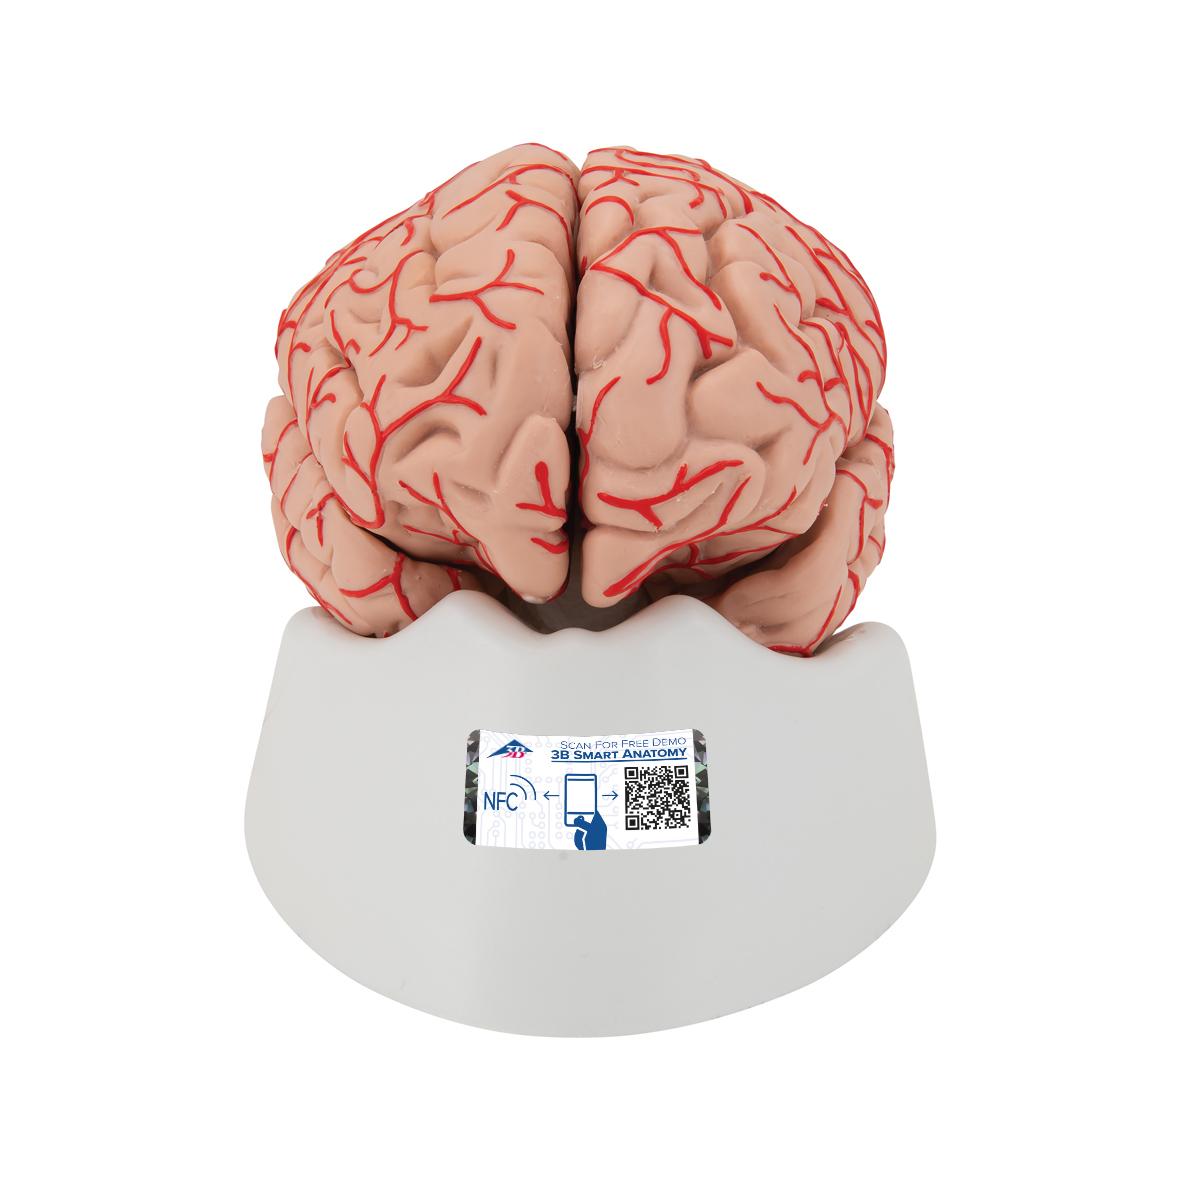 Gehirn mit Arterien, 9-teilig - 1017868 - 3B Scientific - C20 ...